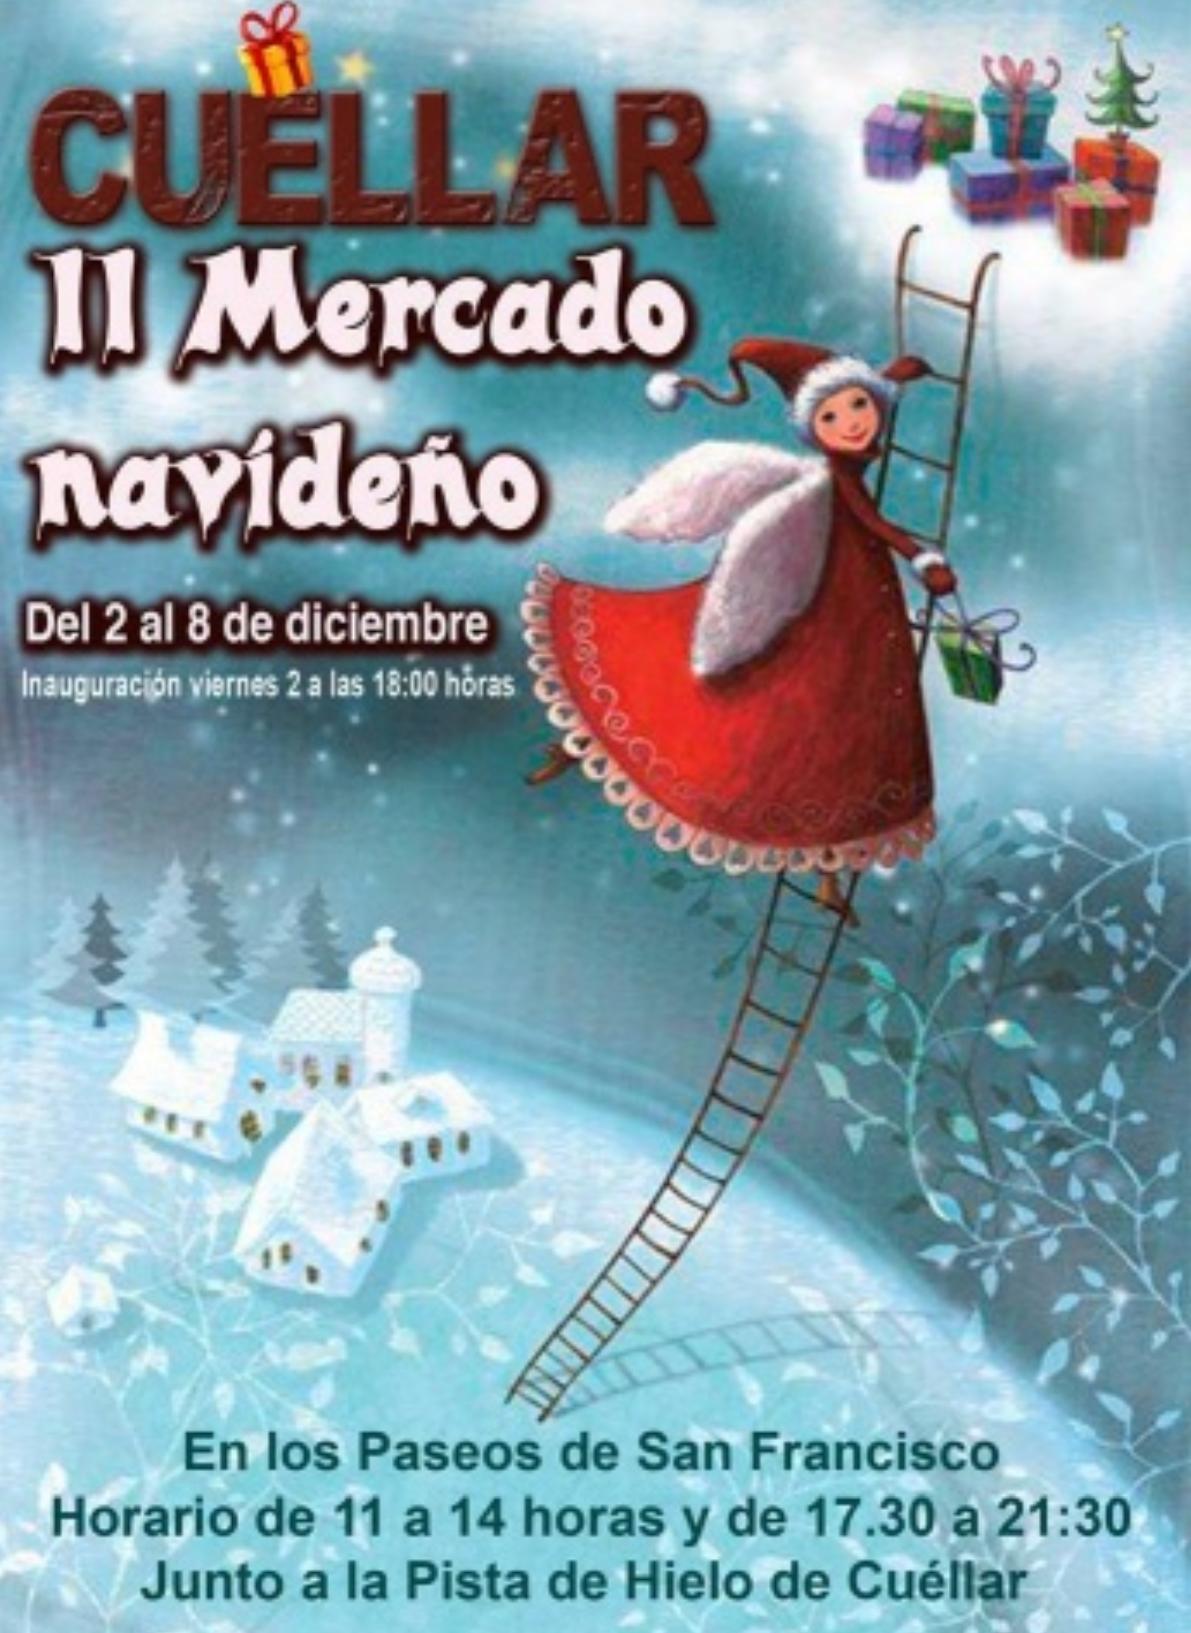 II mercado navideño cuéllar